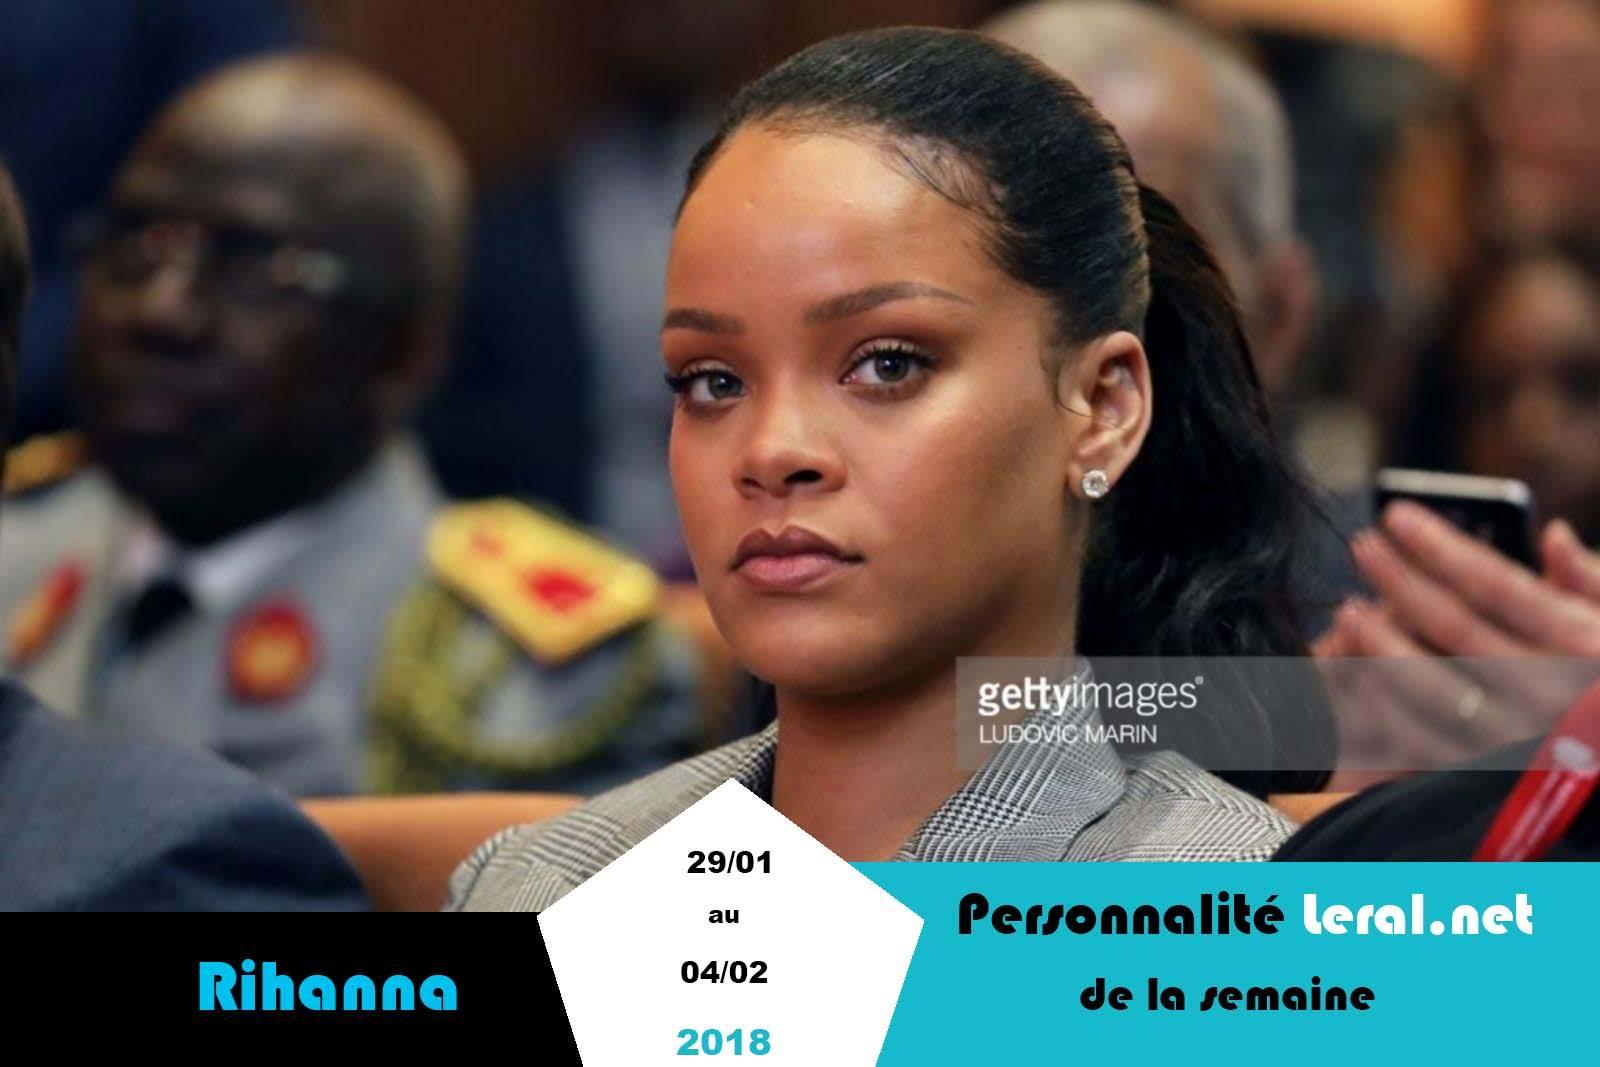 Rihanna éclipse Youssou Ndour, Macron et Macky Sall à Diamniadio (Personnalité Leral.net de la semaine)